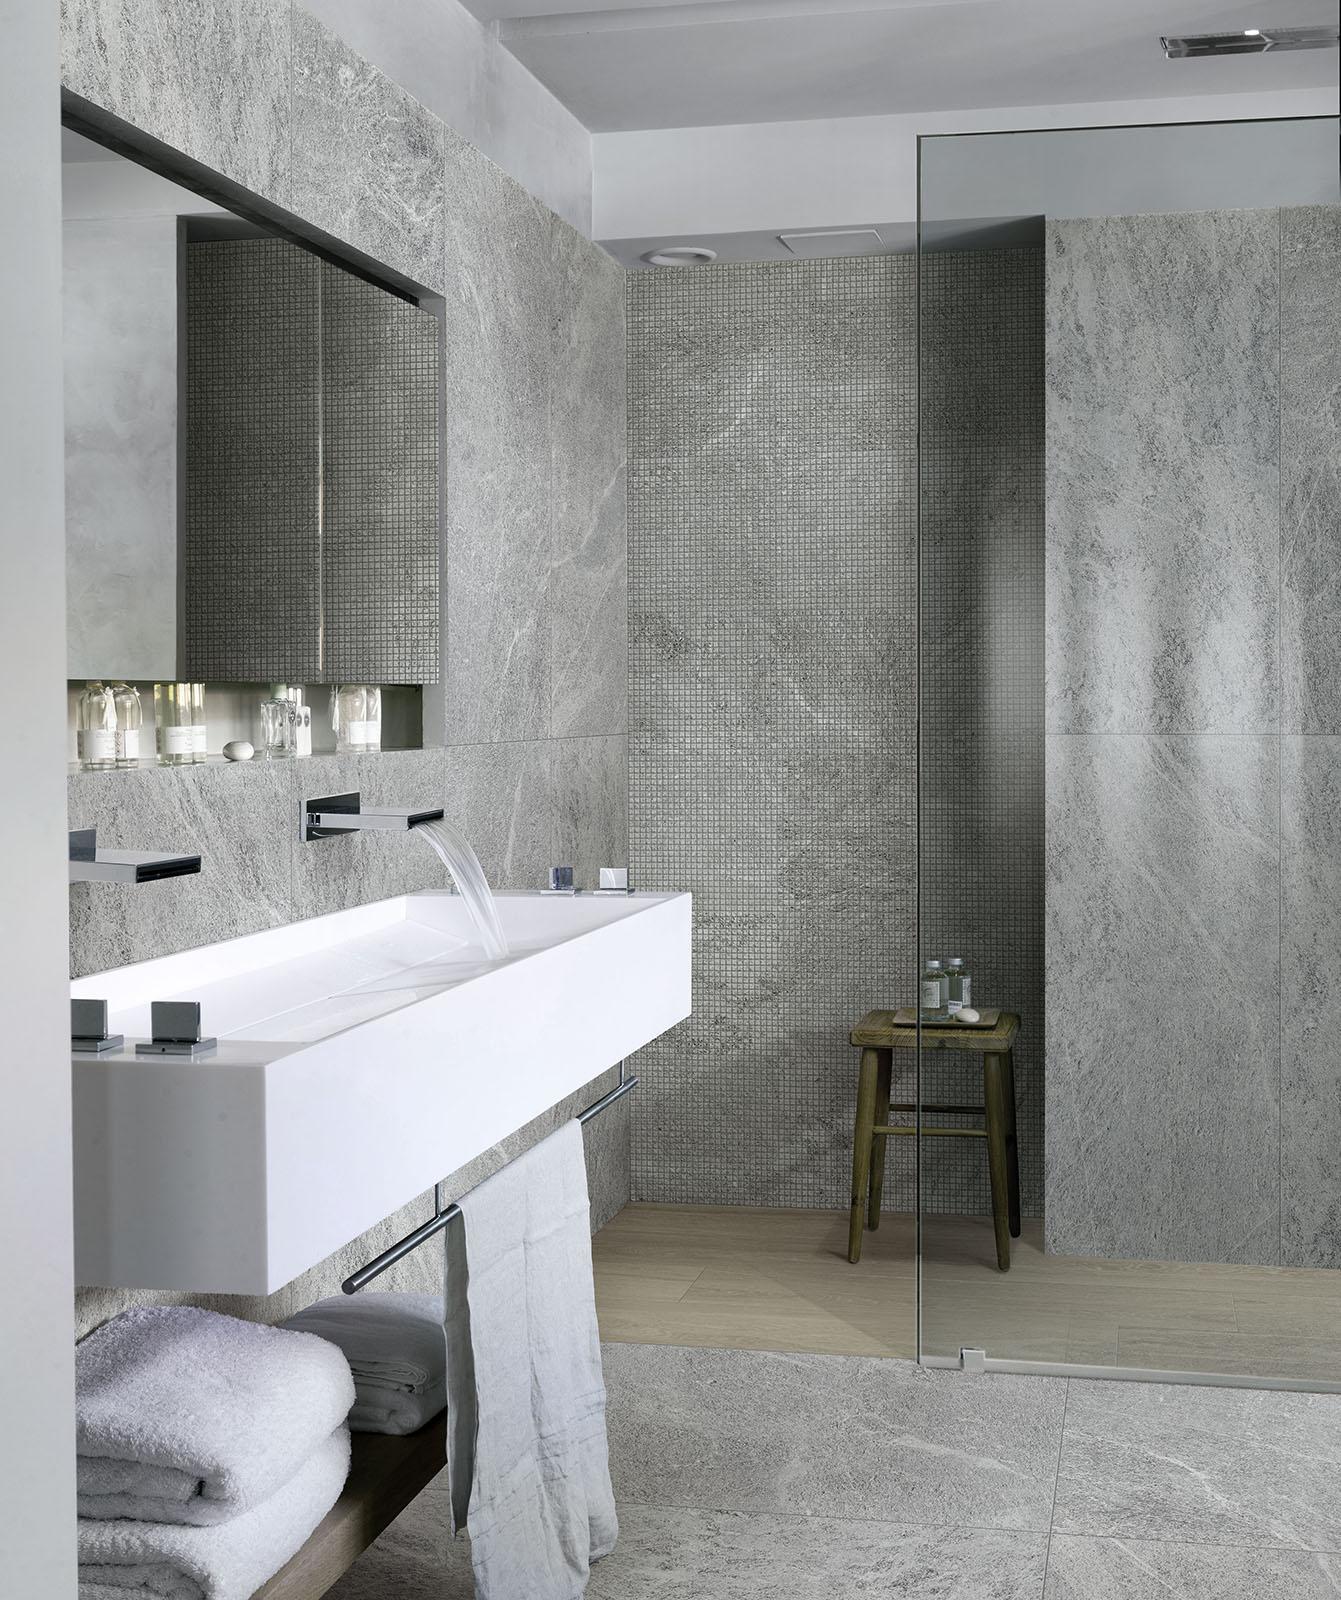 carrelage salle de bain: céramique et grès cérame | marazzi - Salle De Bains Photos